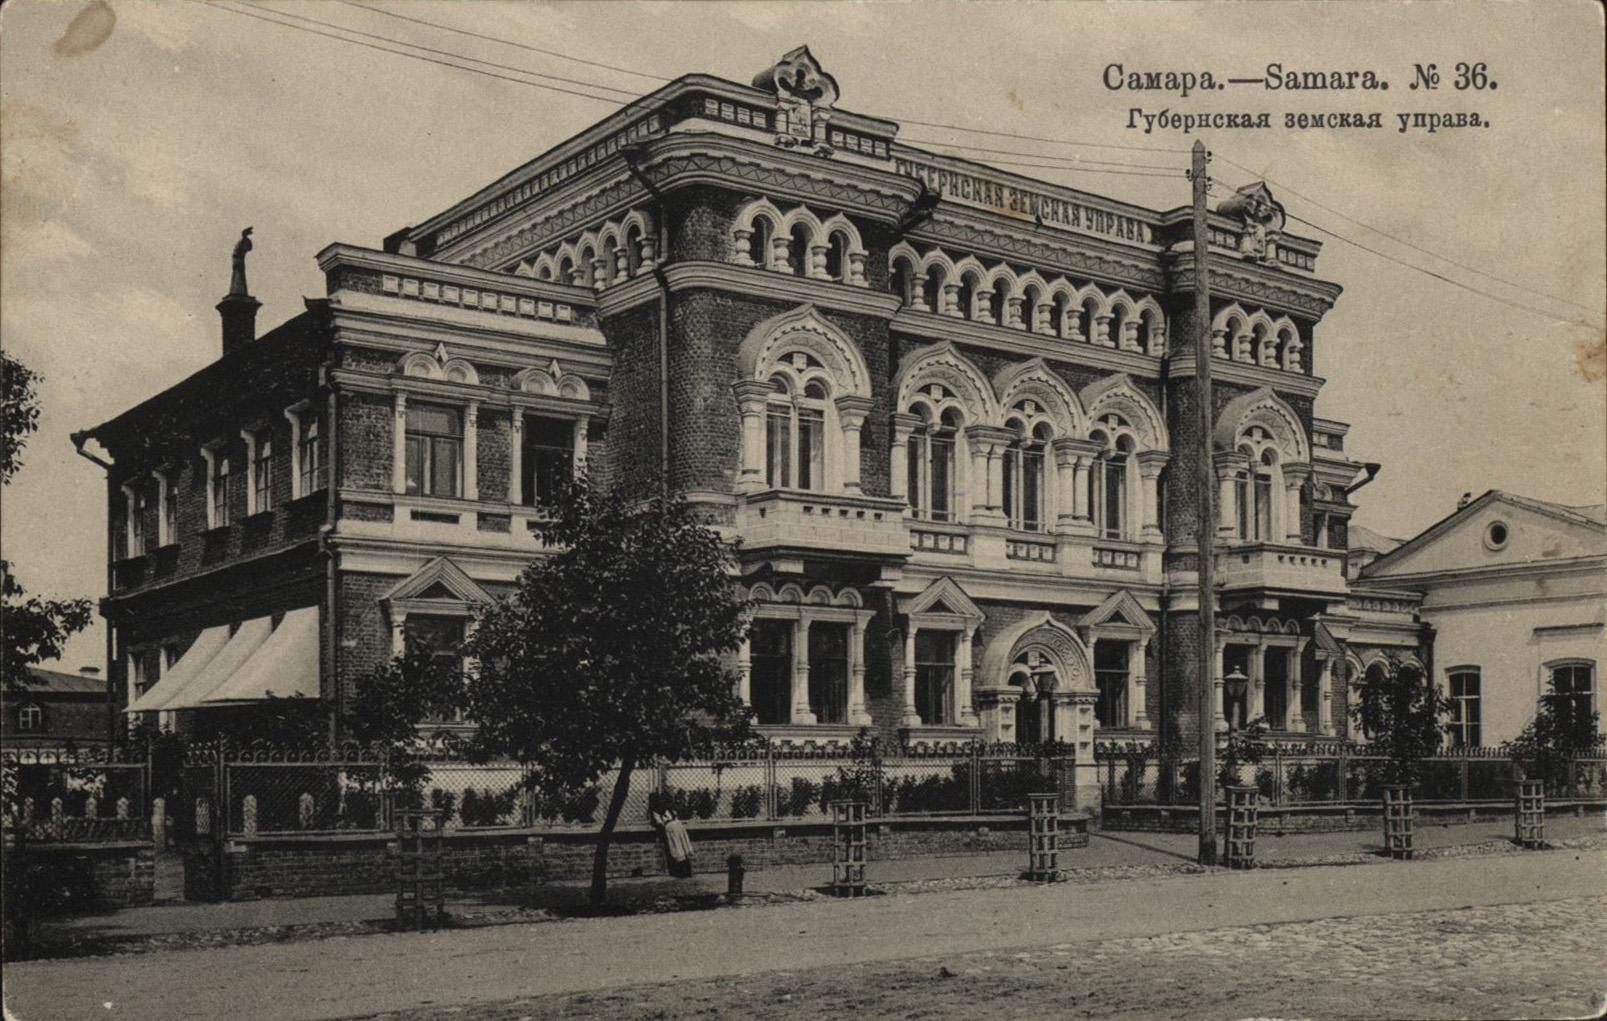 Здание губернской земской управы на улице Саратовской